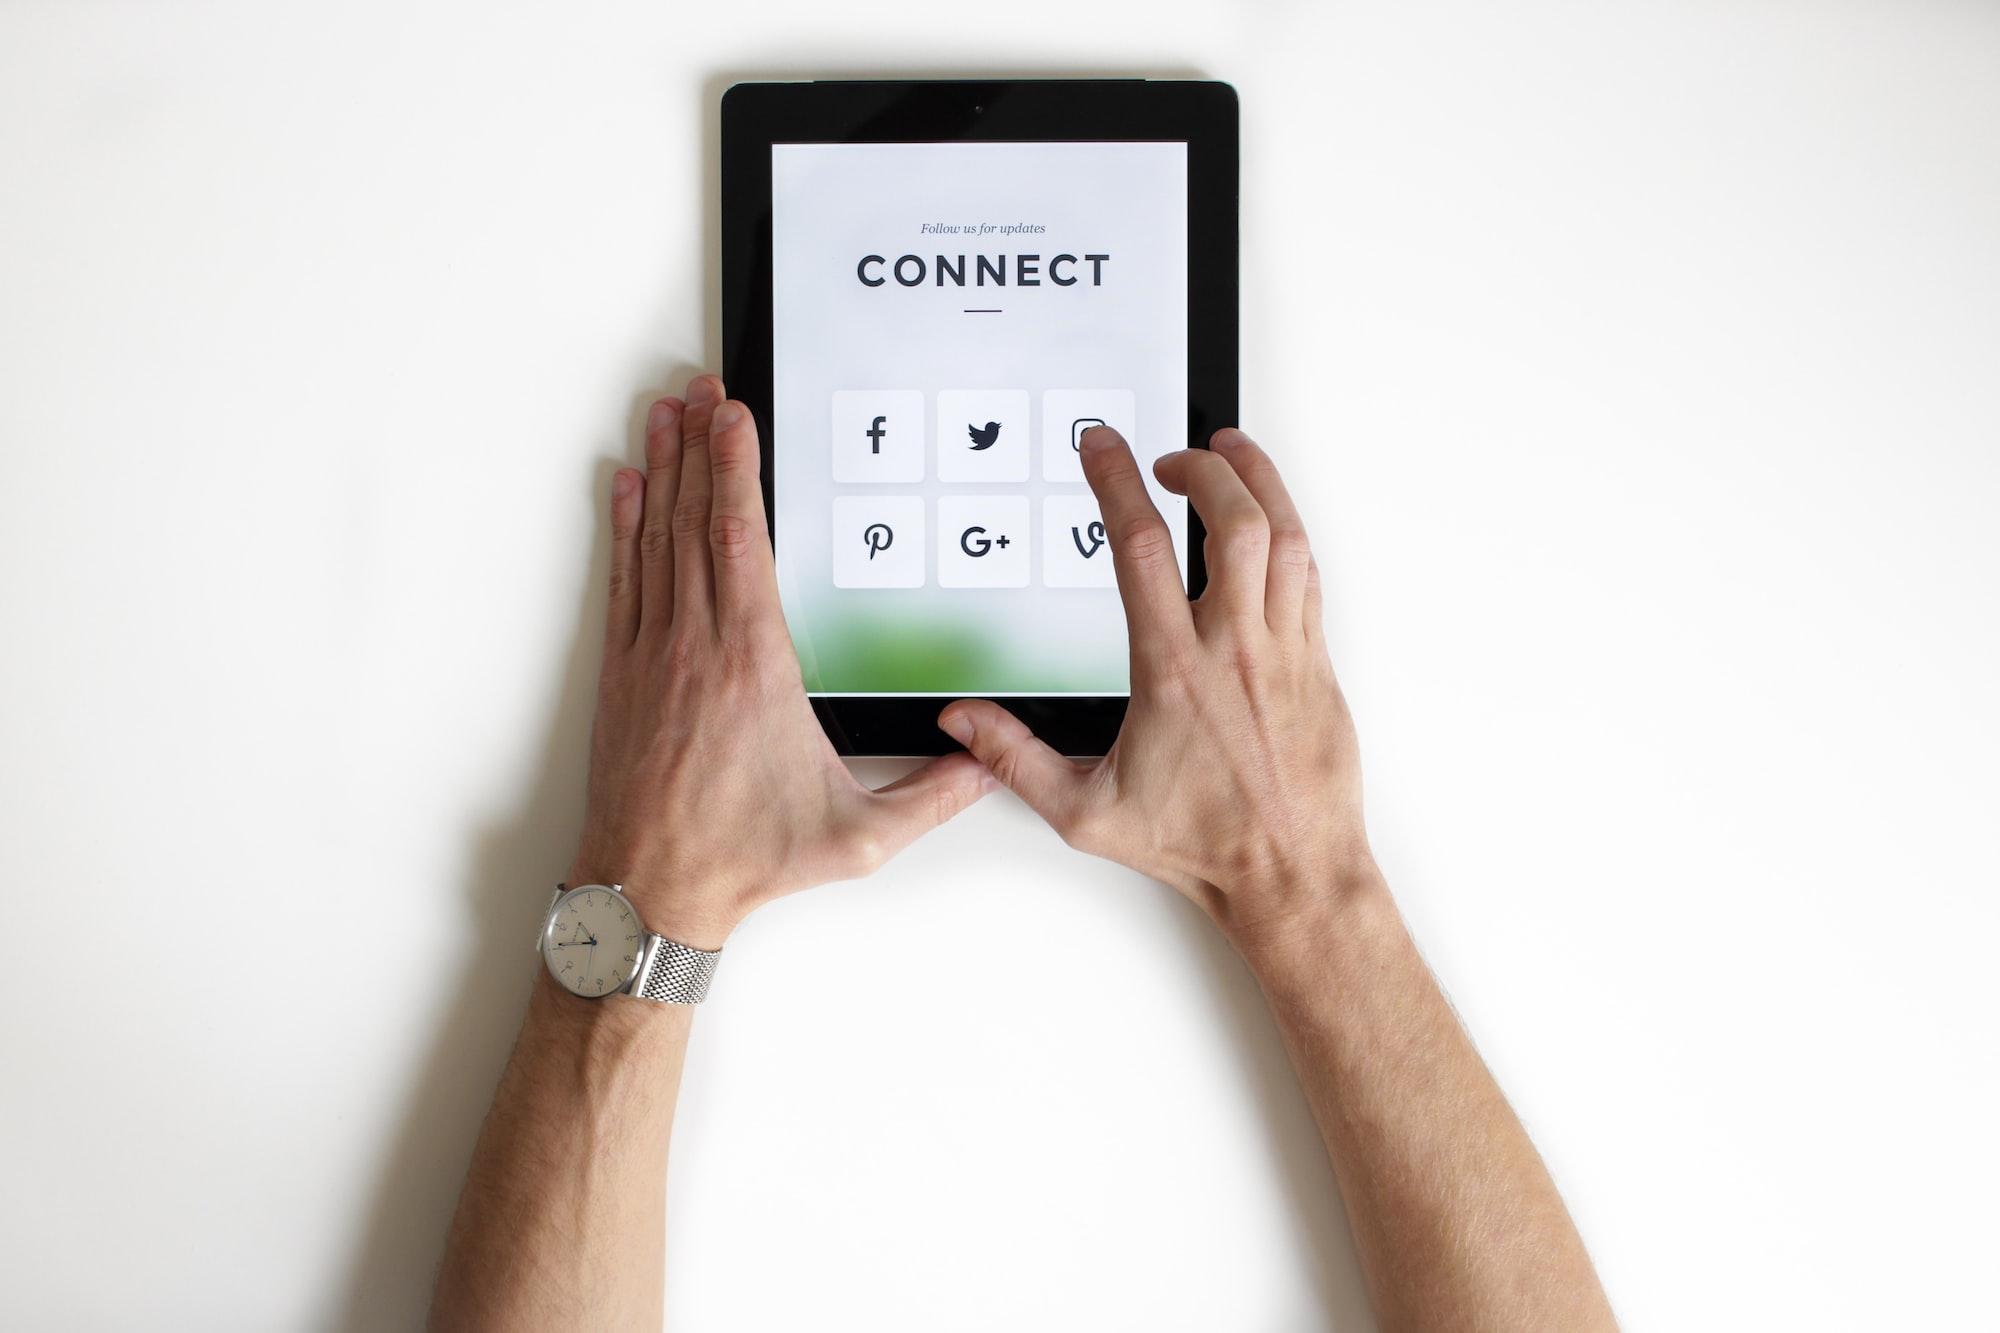 Продвижение в социальных сетях или SMM Маркетинг